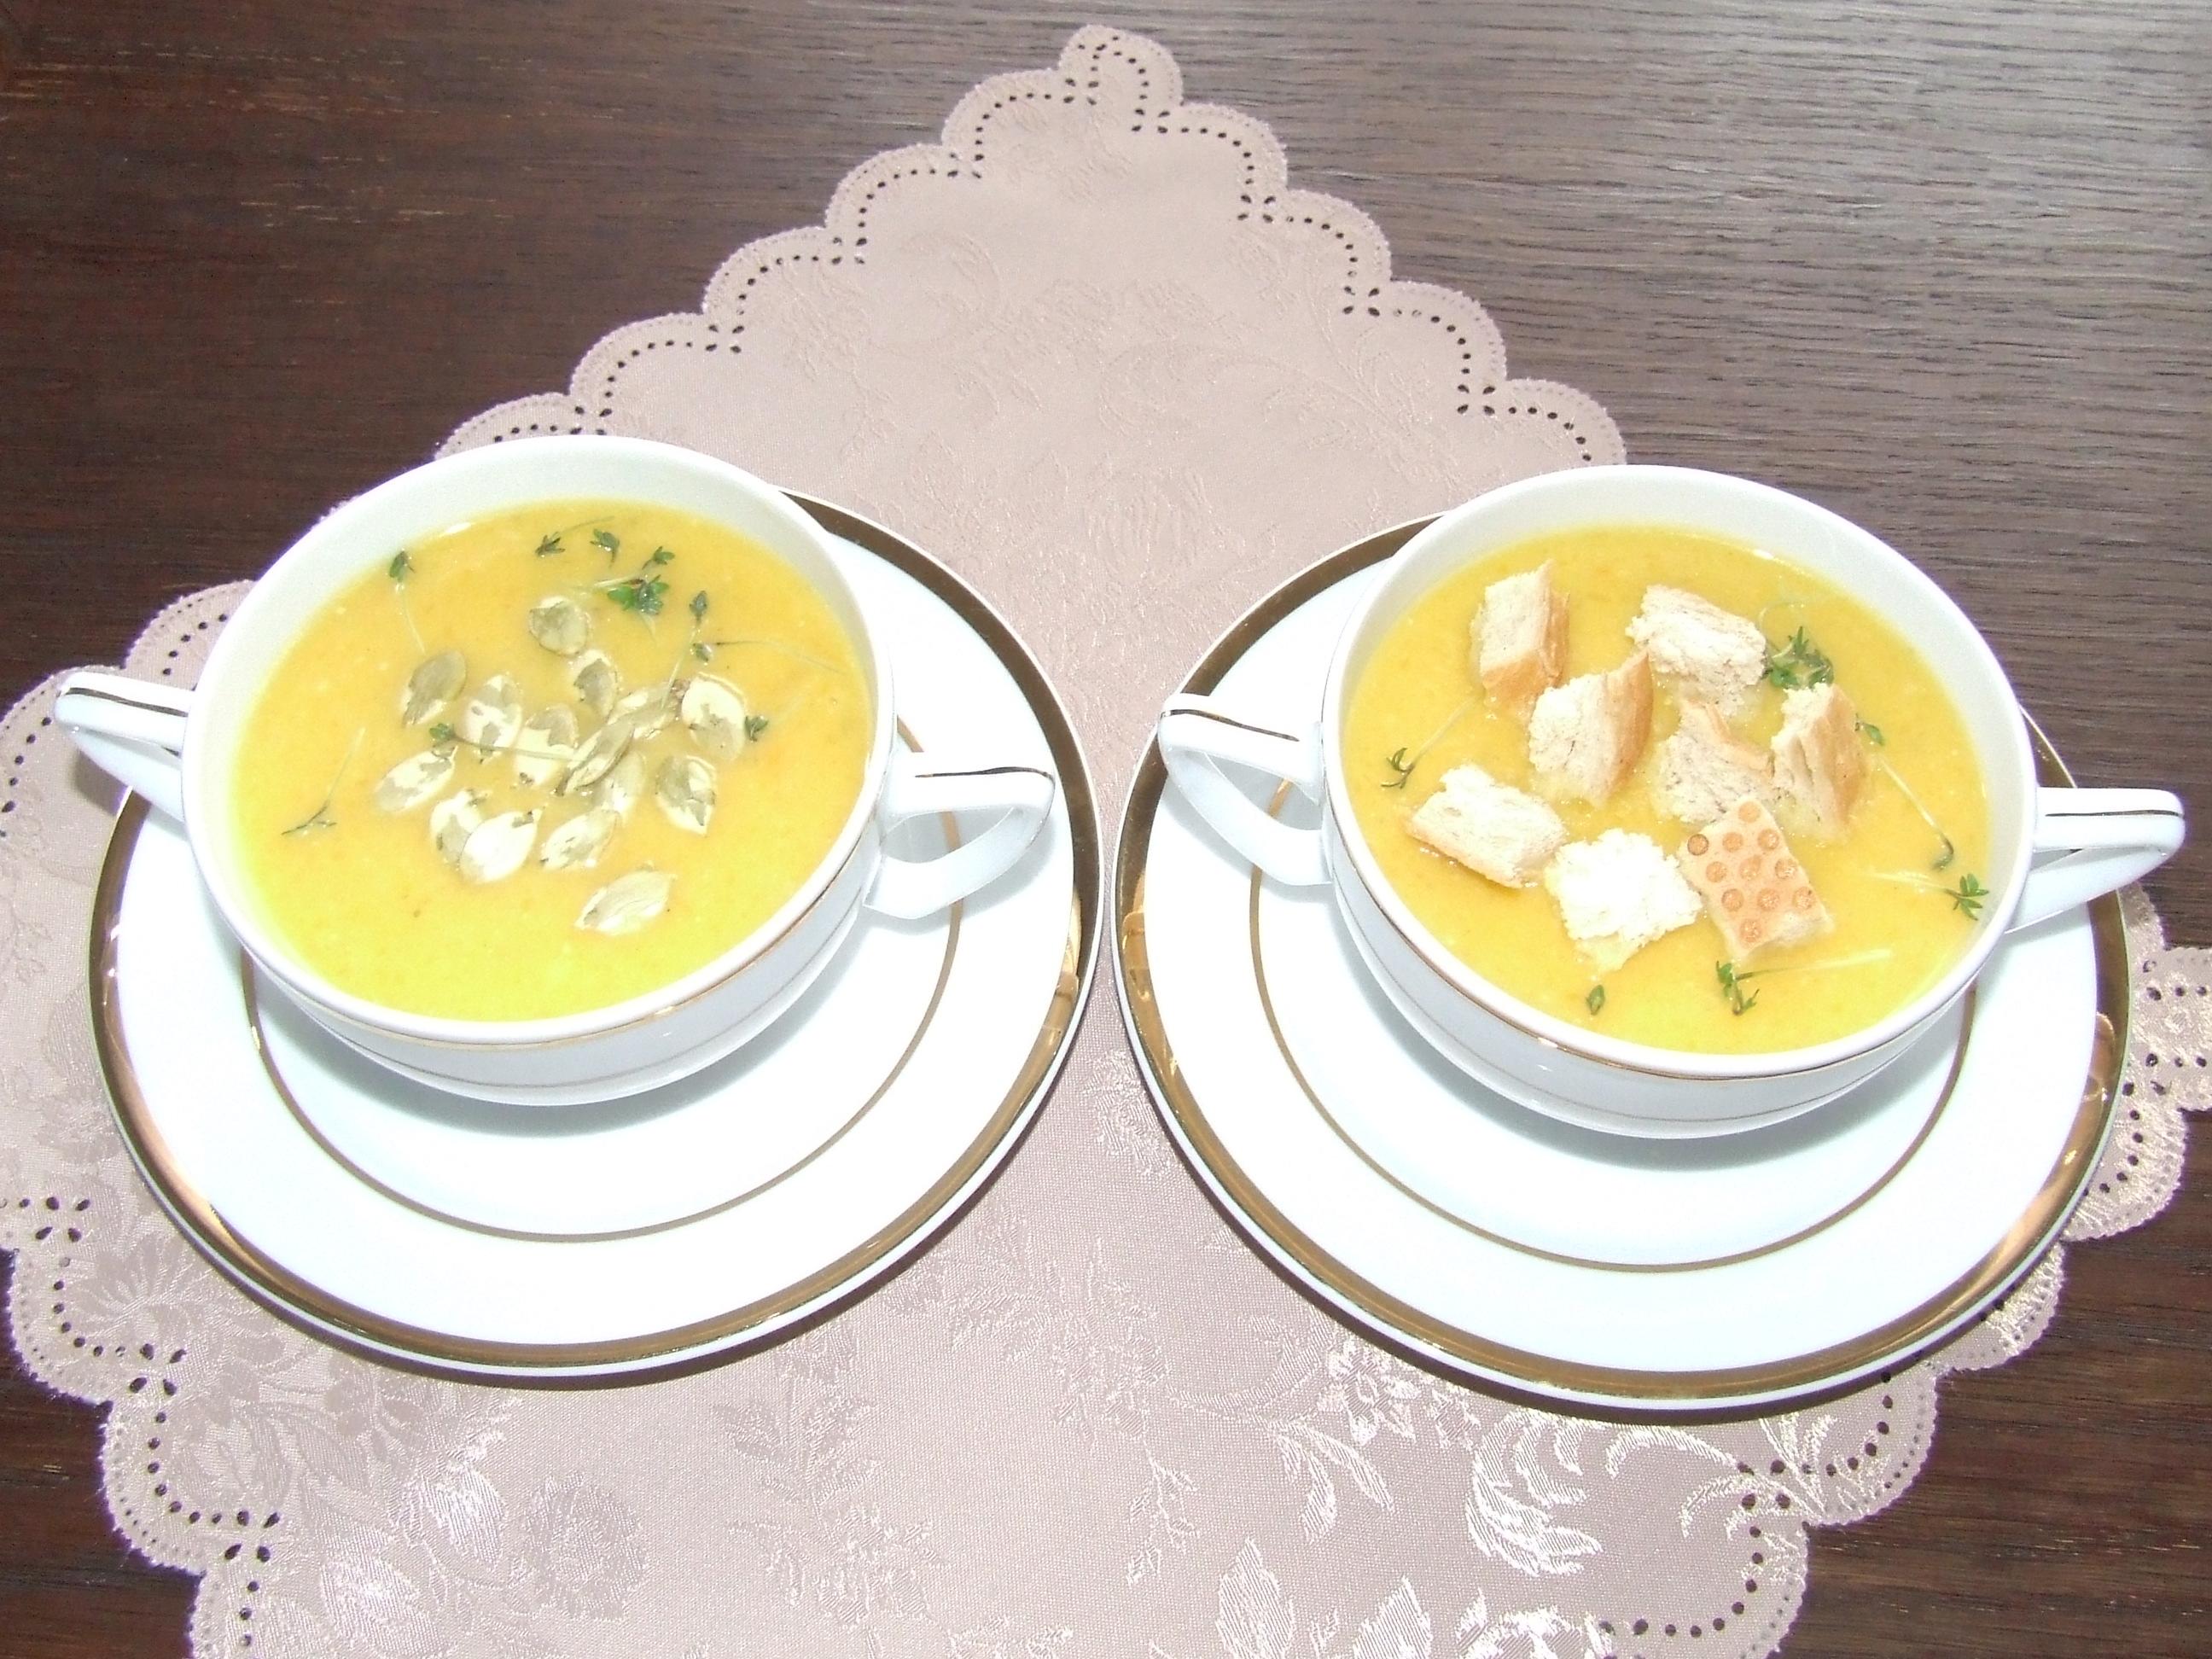 Zdrowe odżywianie w ciąży - zupa krem z dyni